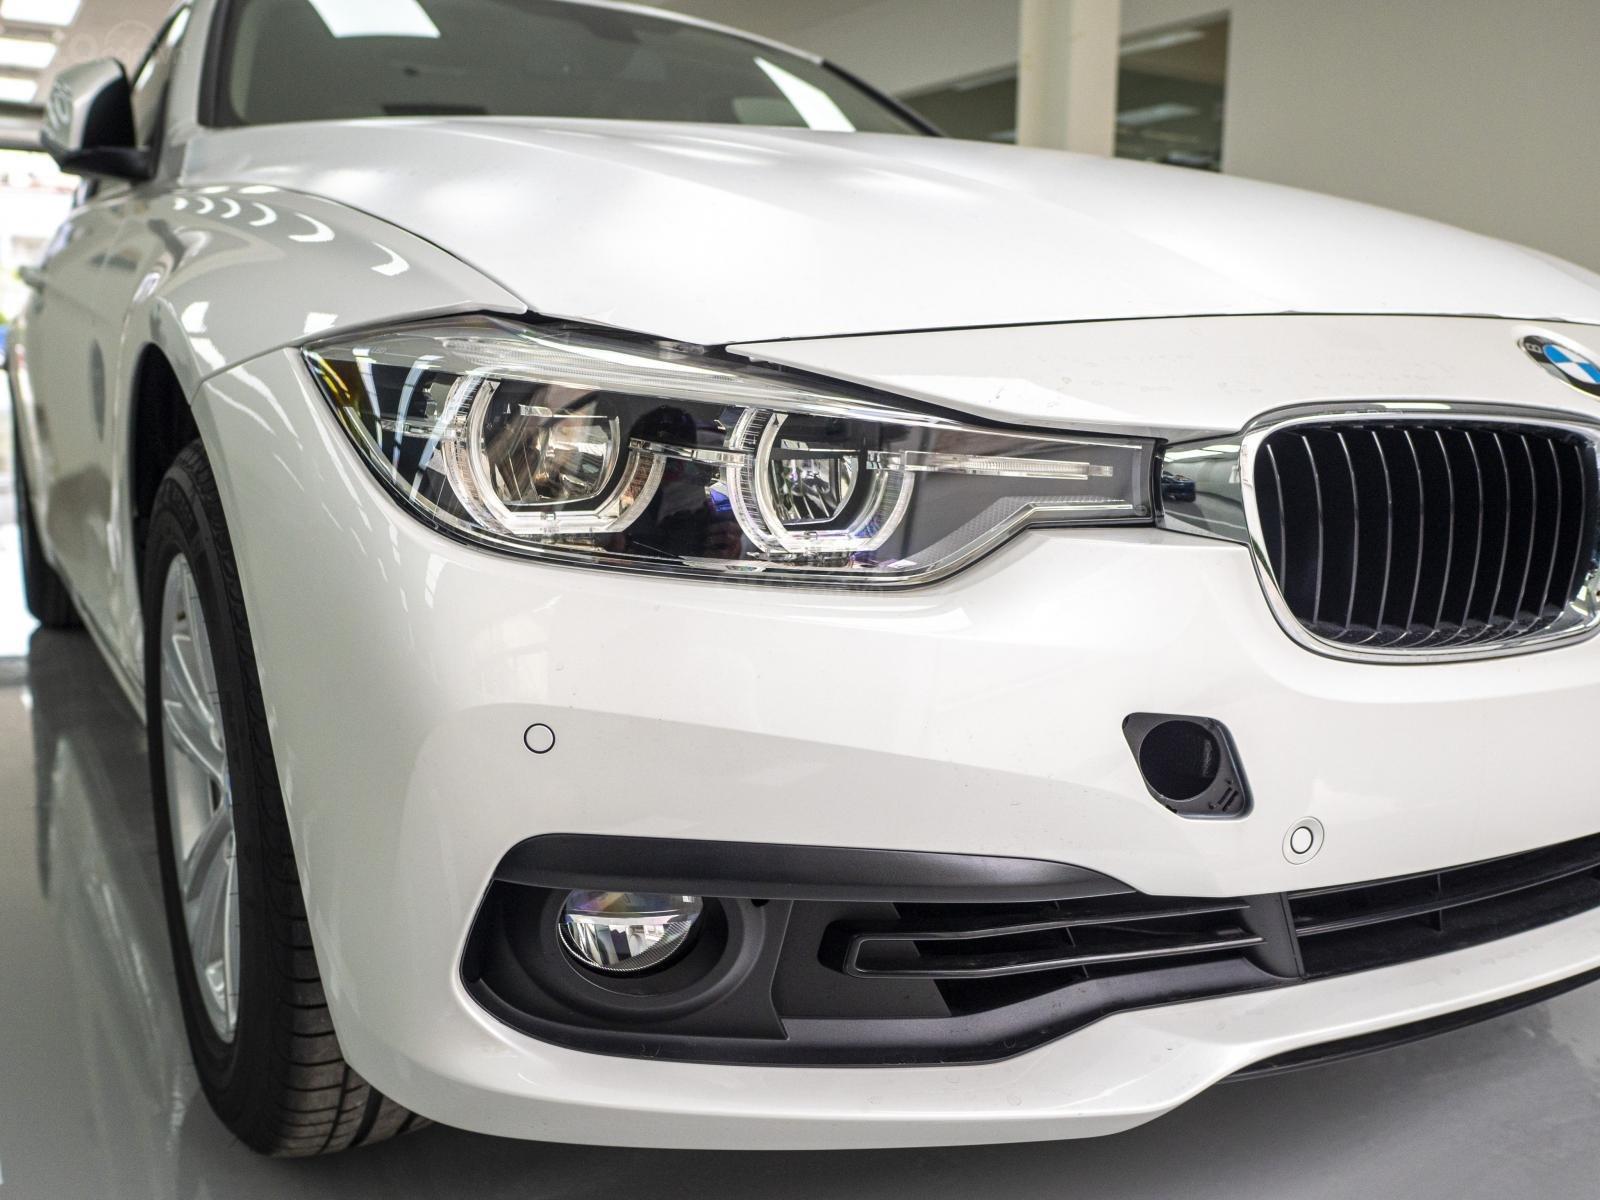 BMW 320i nhập Đức với siêu ưu đãi lớn lên đến 300 triệu, giá cực tốt tại thời điểm cuối năm (2)